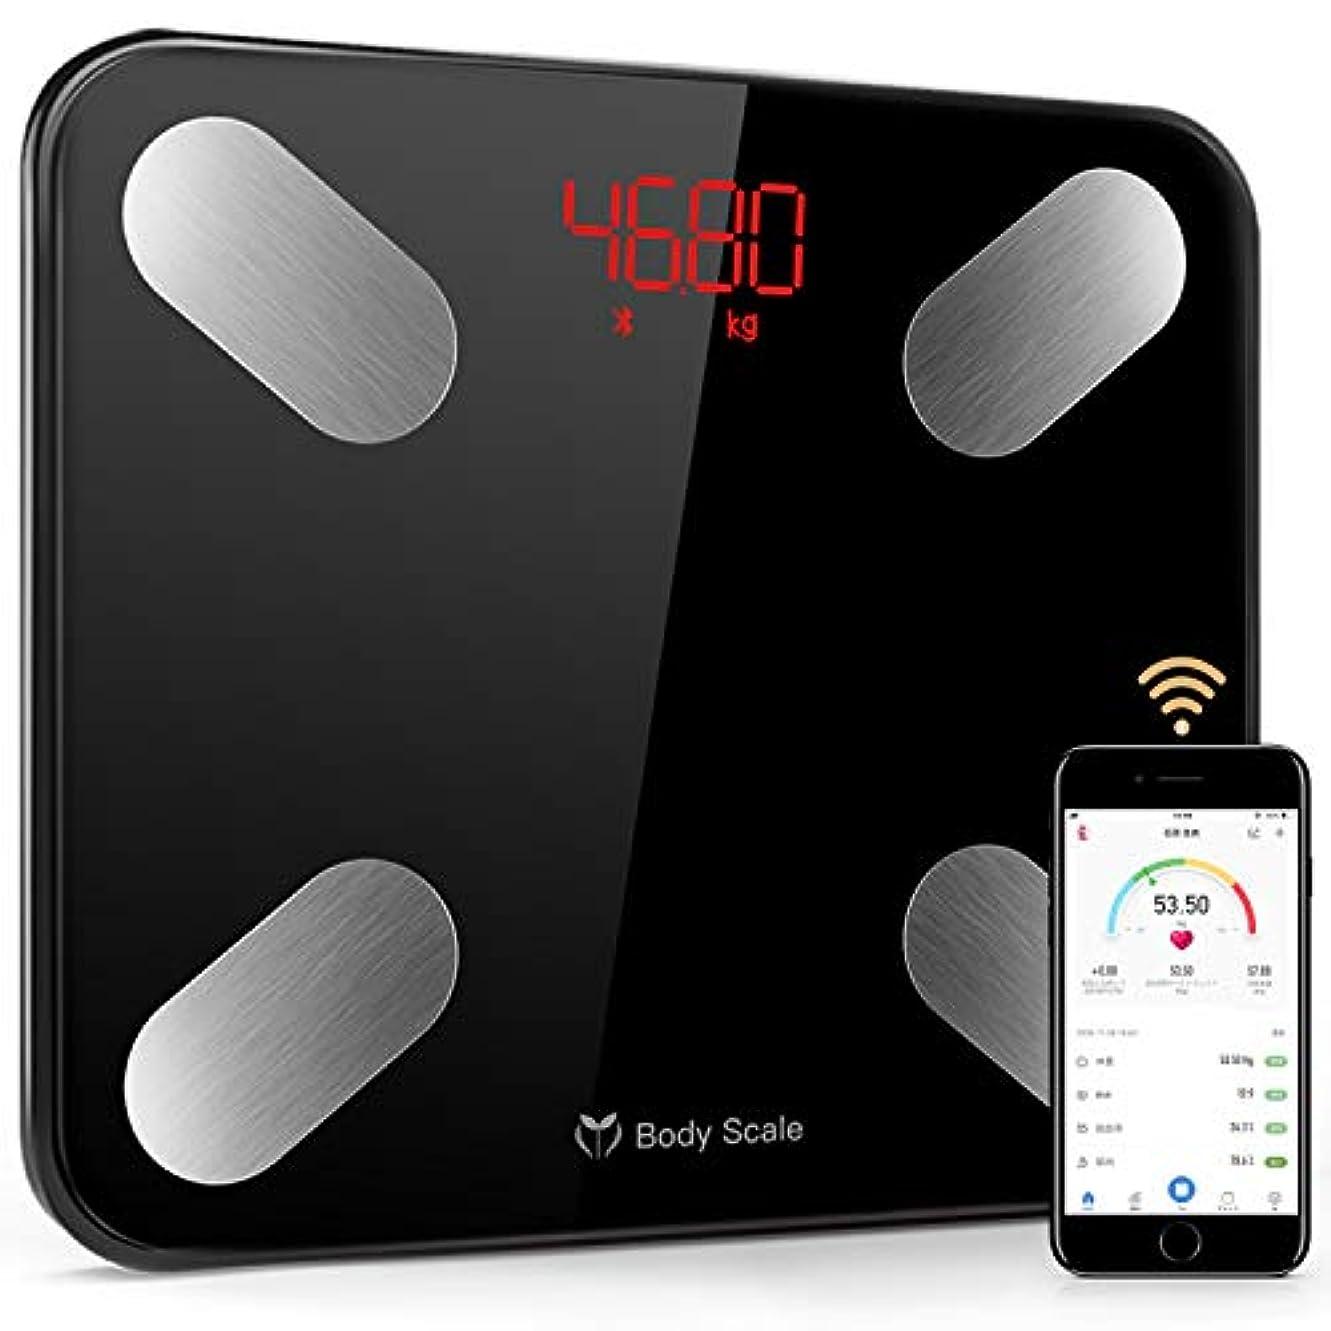 報酬醜い一人で体重計 体組成計 体重?体組成計 体脂肪計 BMI/体脂肪率/筋肉量など/体水分率/推定骨量/基礎代謝量など測定可能 Bluetooth対応 iOS/Androidアプリで健康管理 日本語説明書付き Molitar (ブラック)